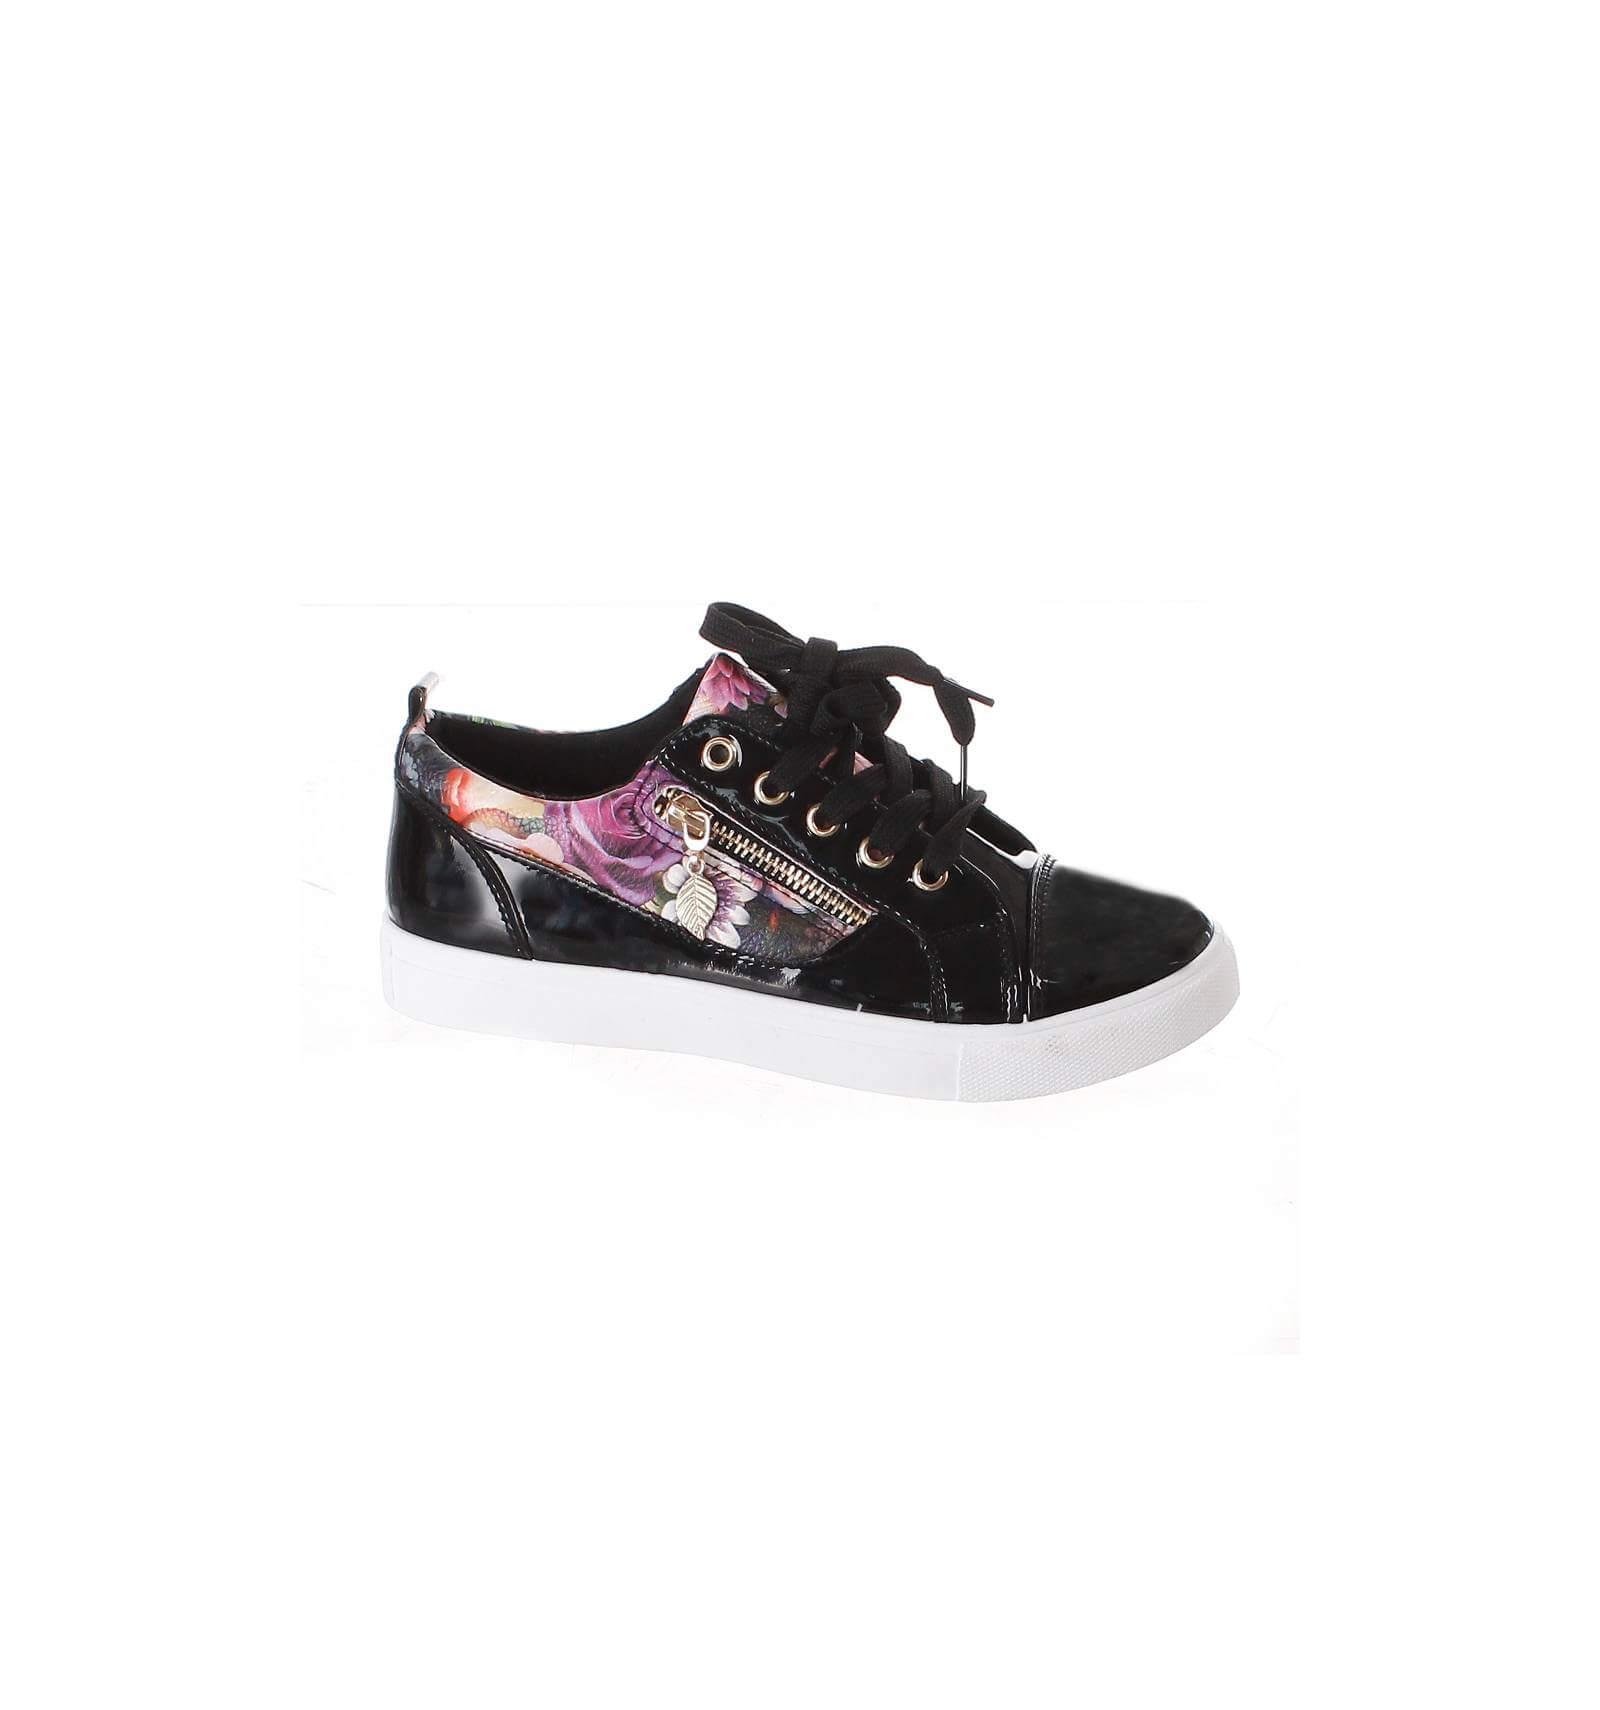 basket femme fleur,france adidas chaussure femme fleur pas cher b27f73c18ba3